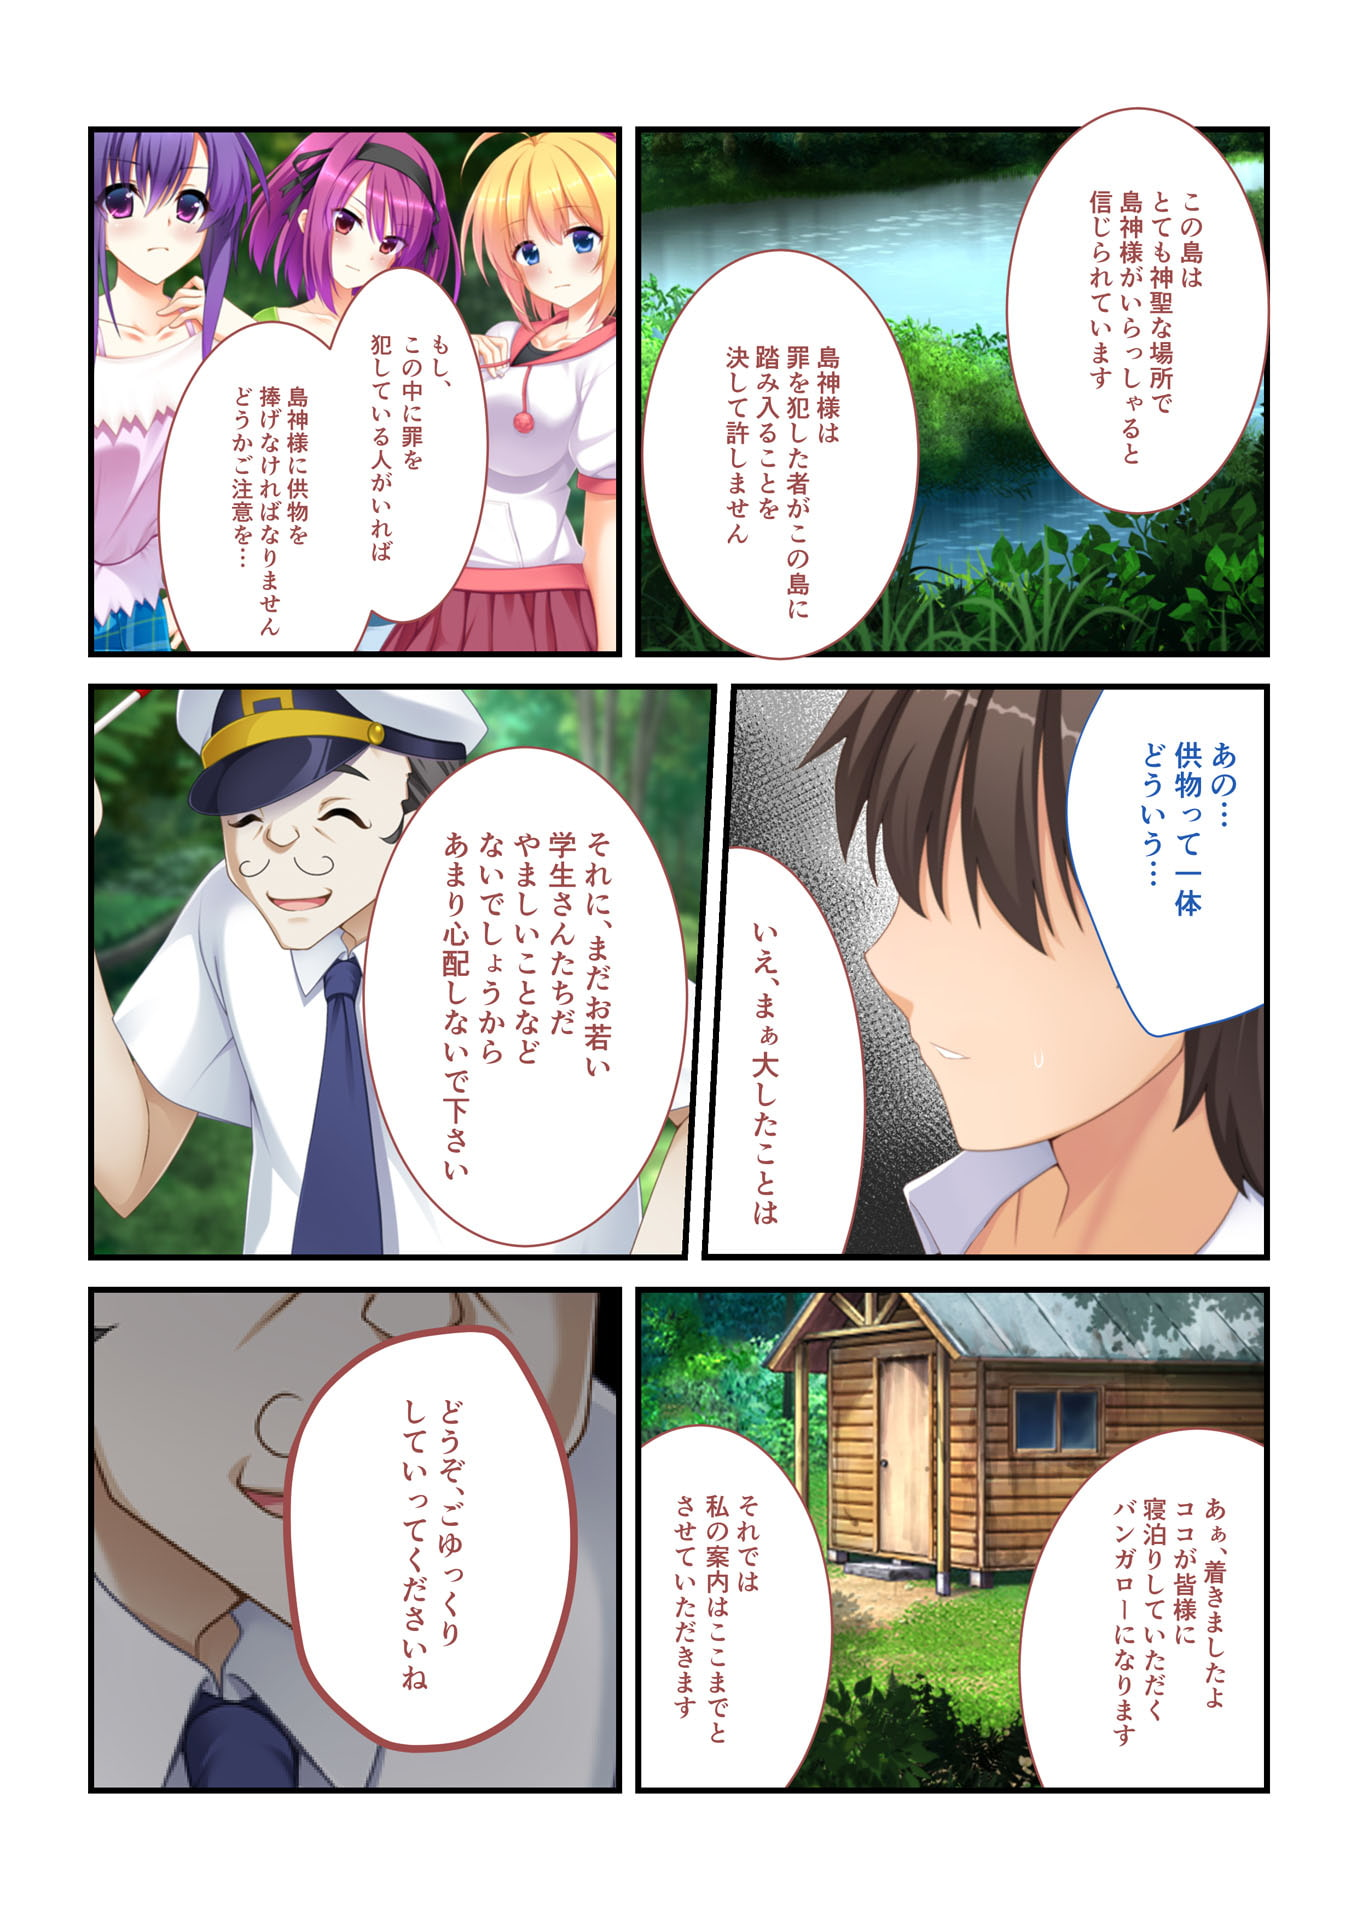 【フルカラー】強制ハメ!孕ませ島 抵抗できない女子とハーレムSEX!(1)